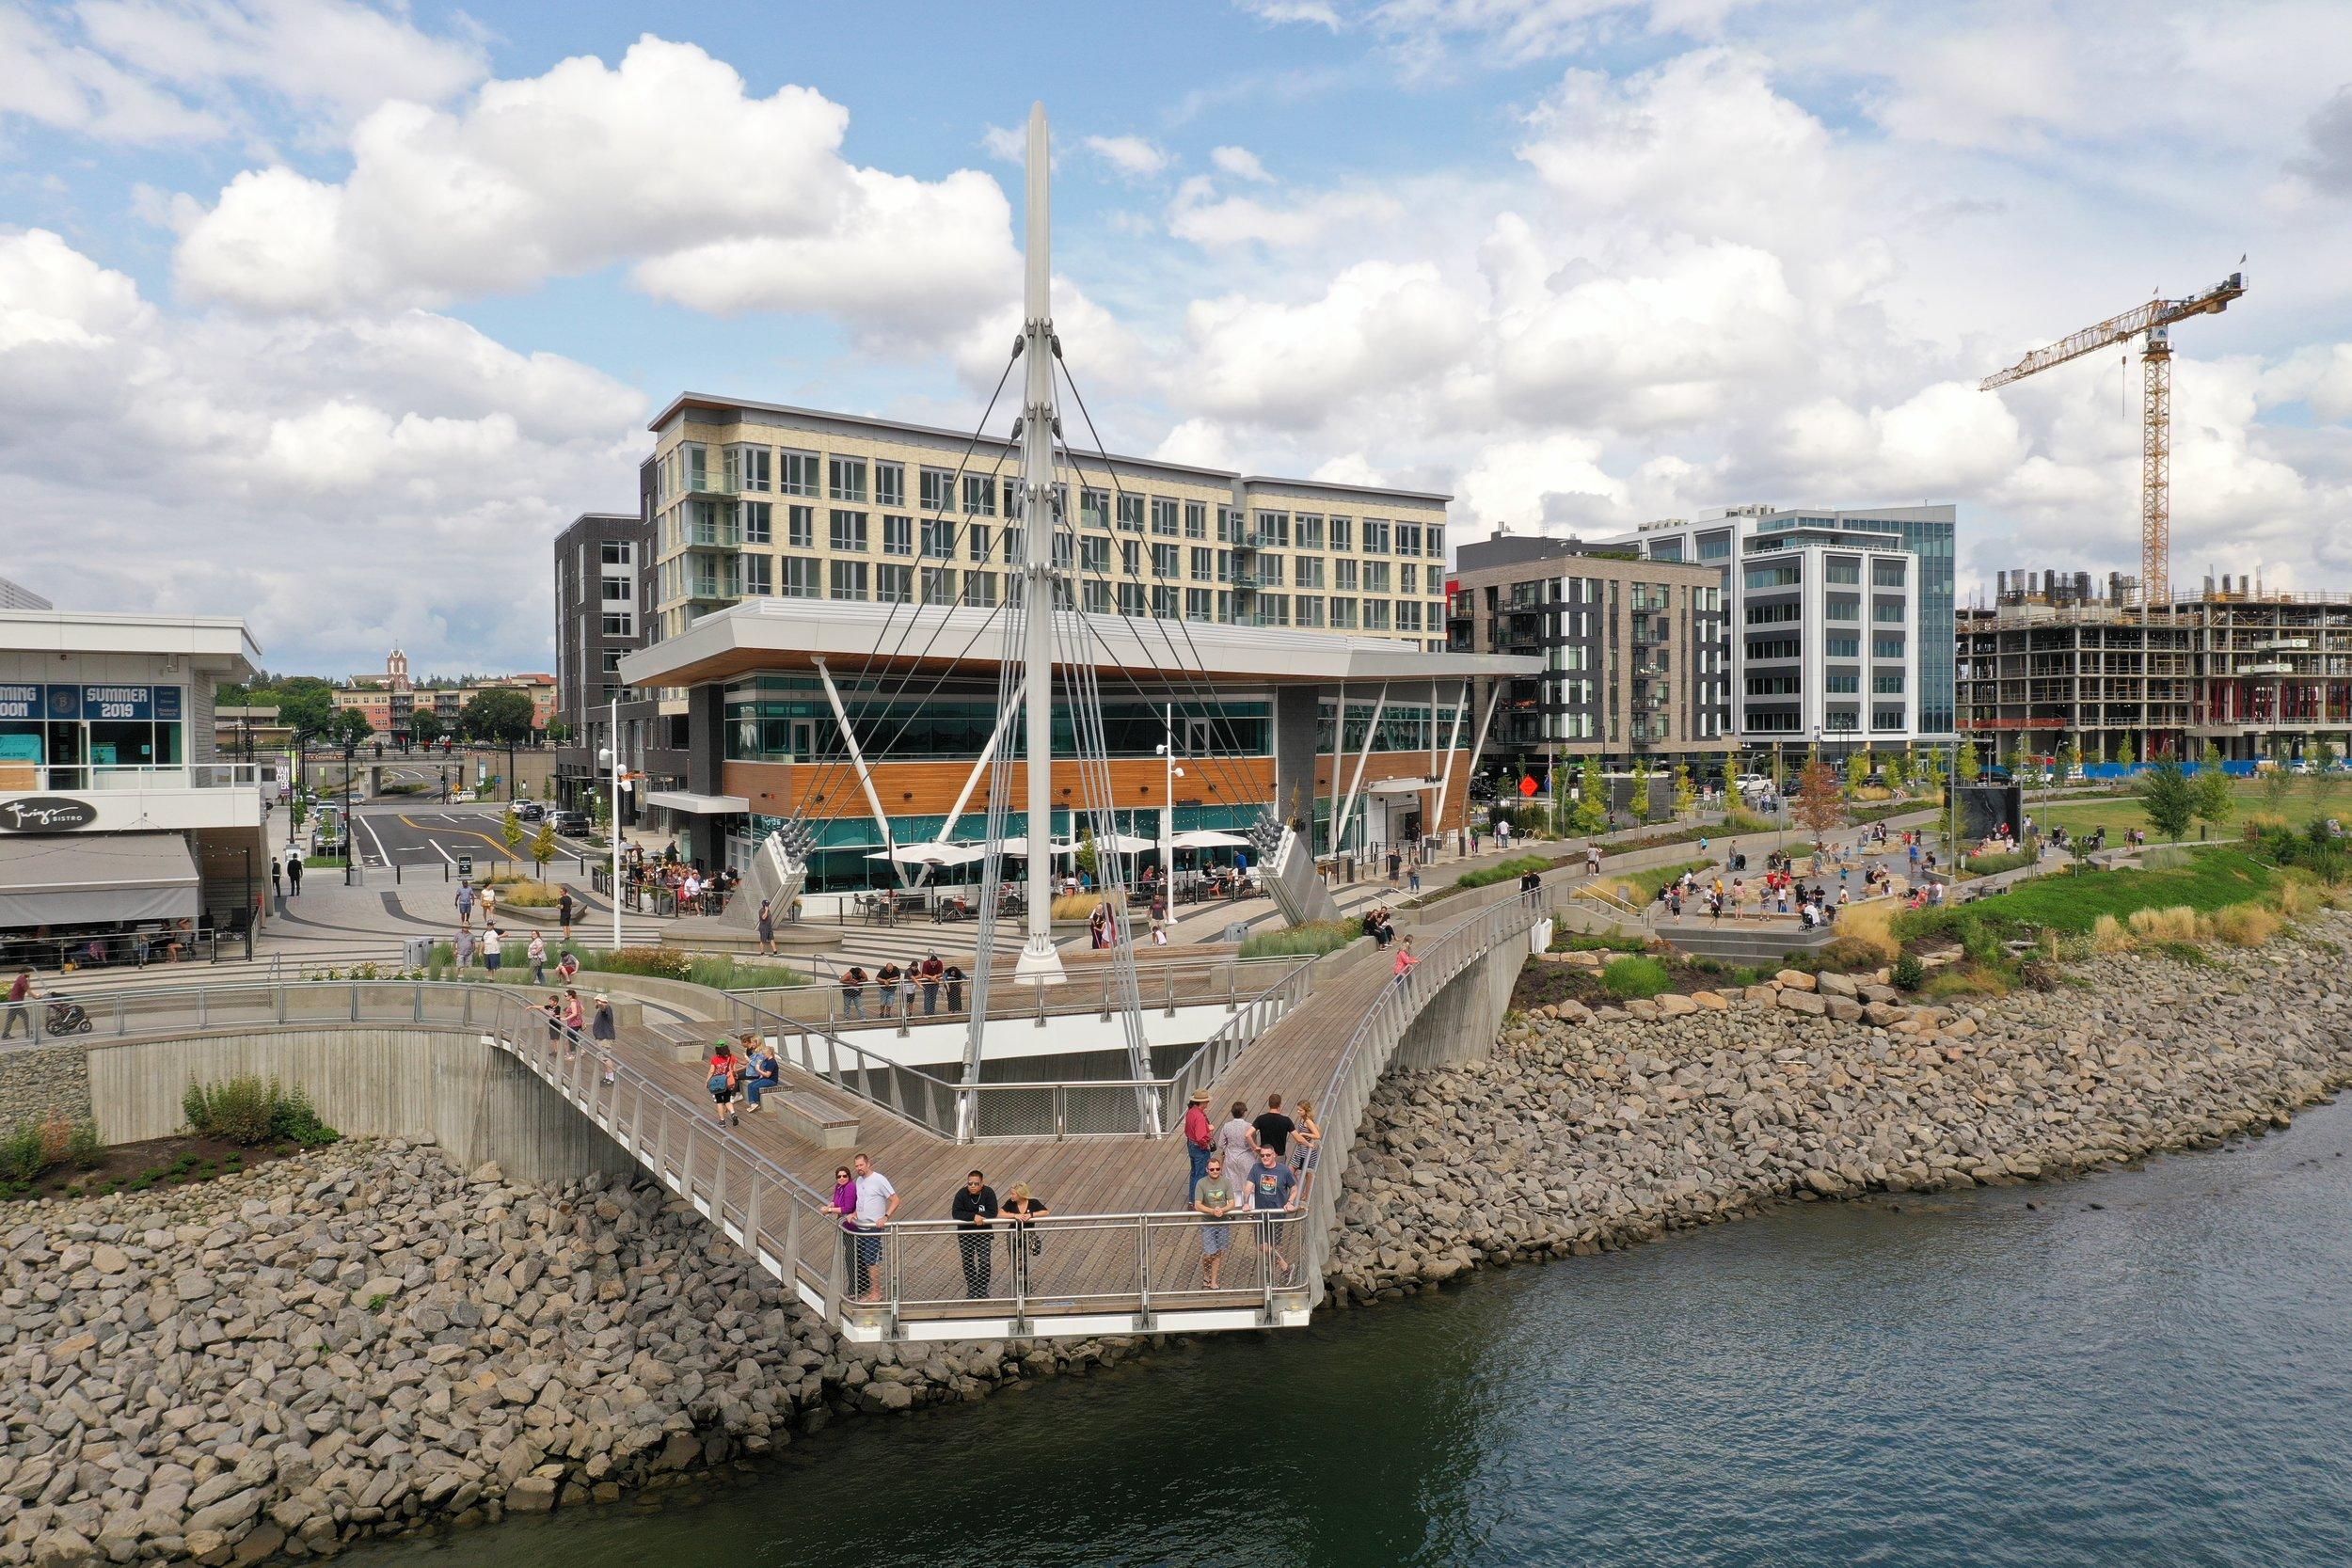 vancouver_waterfront park fountain_larry kirkland_public art services_j grant projects_19.JPG